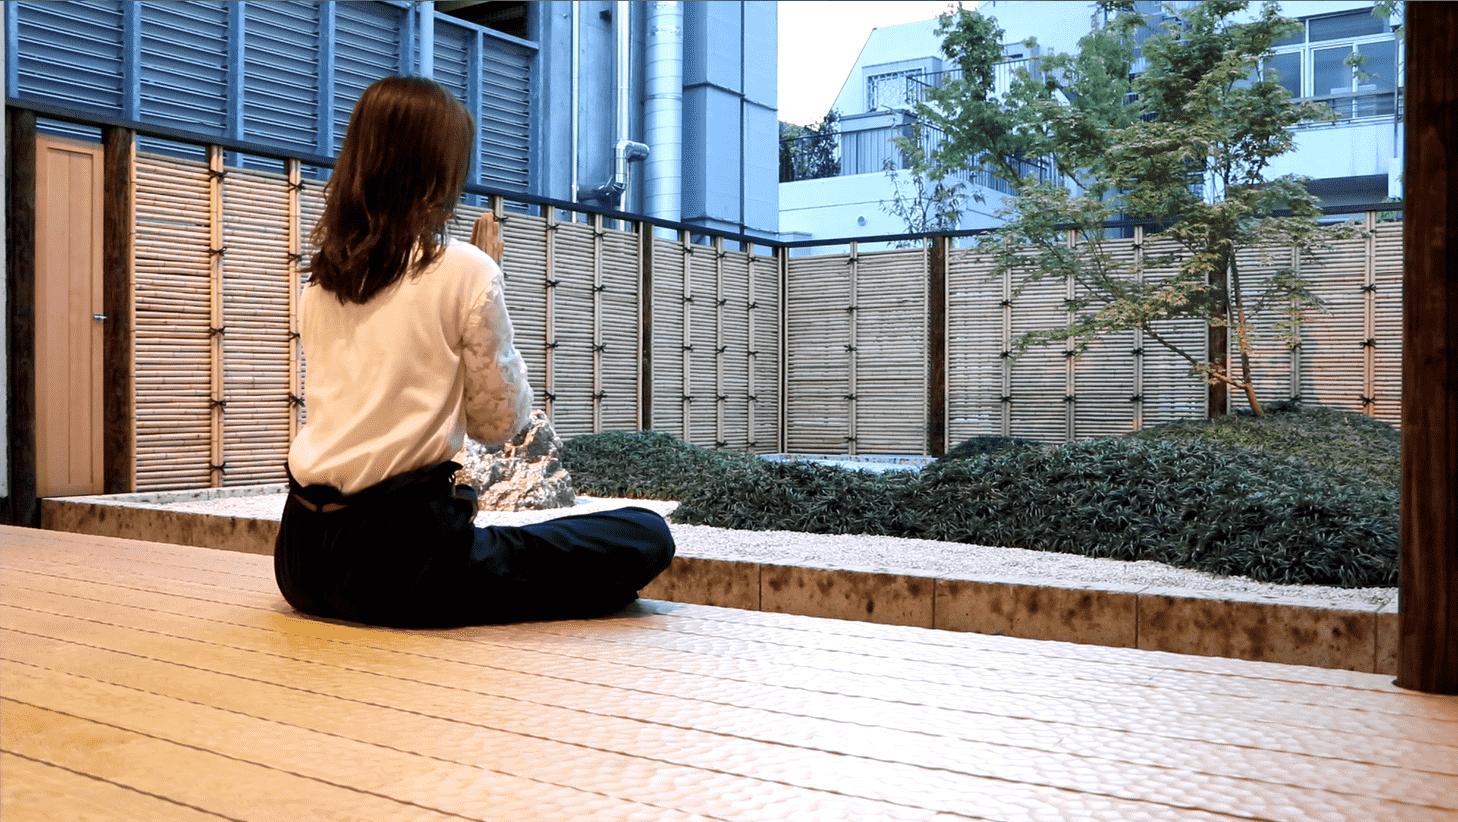 和の雰囲気漂う ~Akasaka Zen Space~|TIME SHARING|タイムシェアリング|スペースマネジメント|あどばる|adval|SHARING